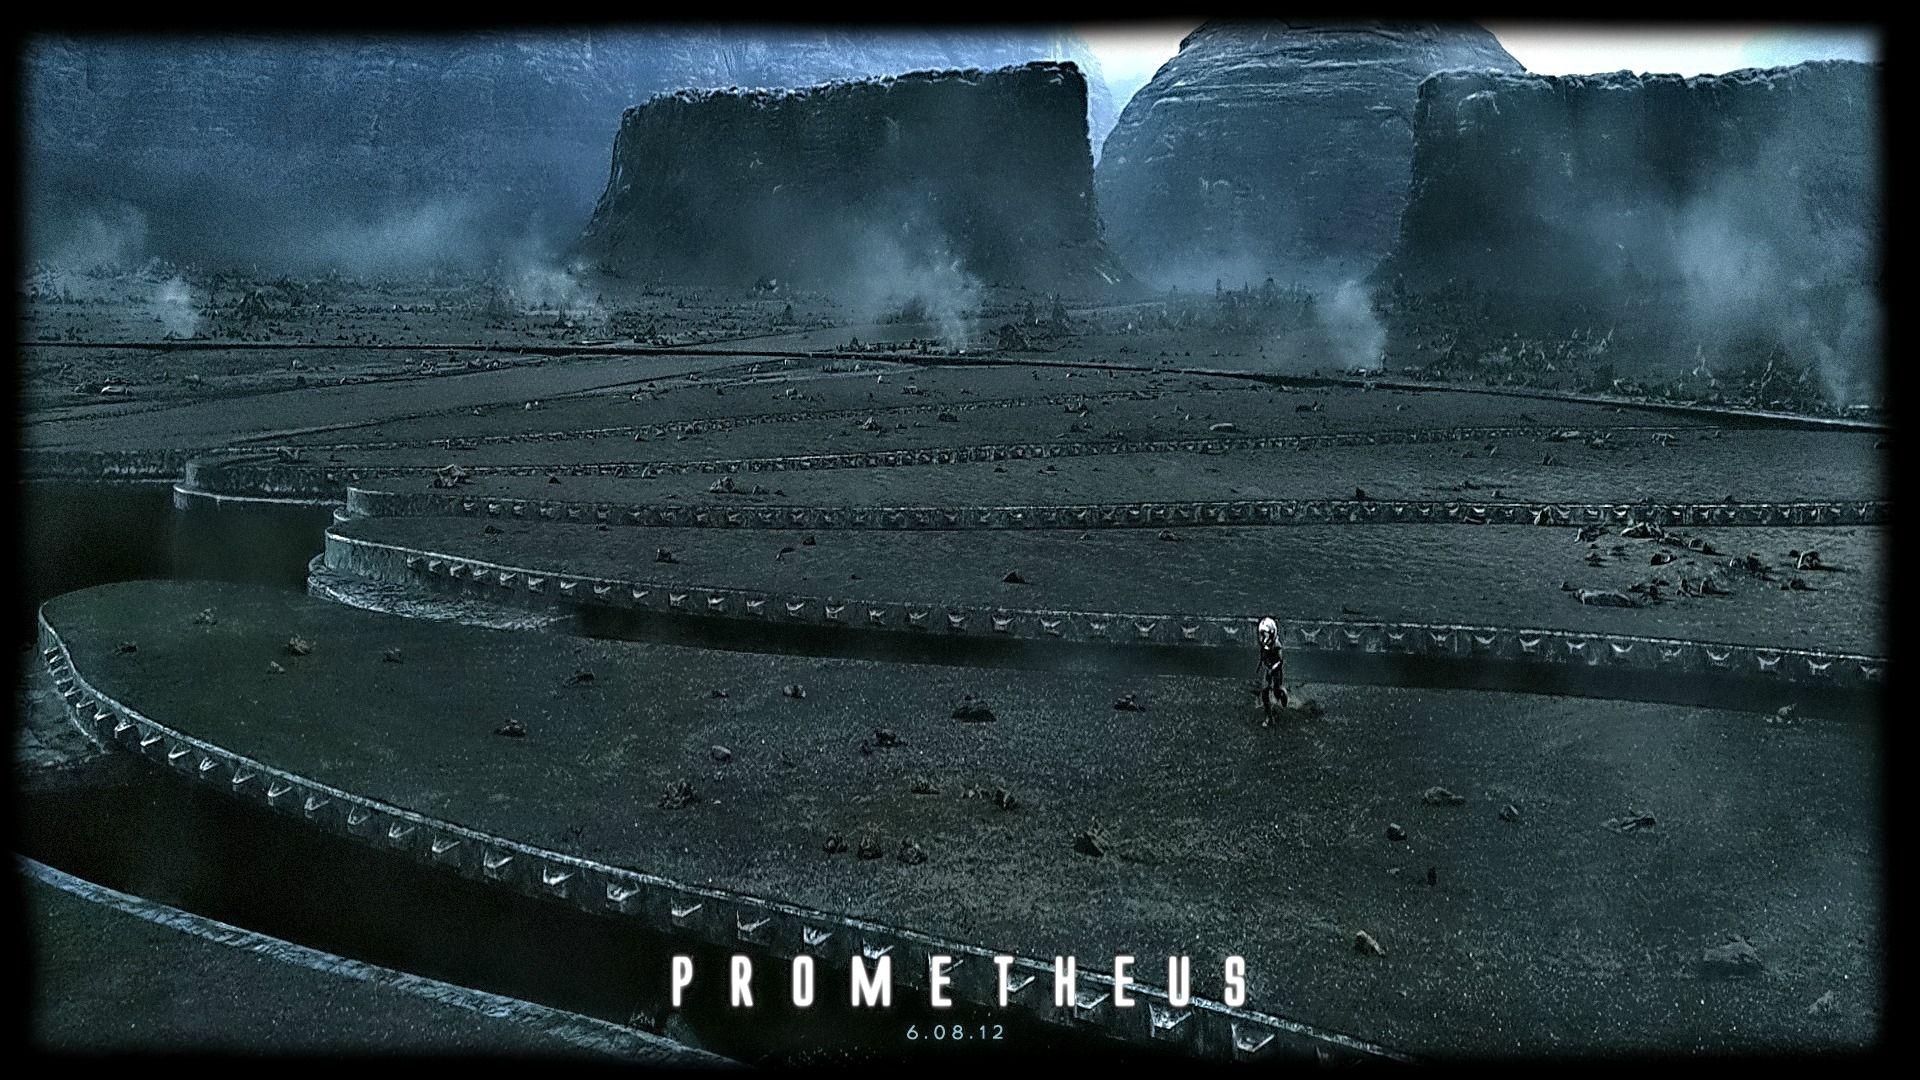 Prometheus 2012 film prometheus wallpaper